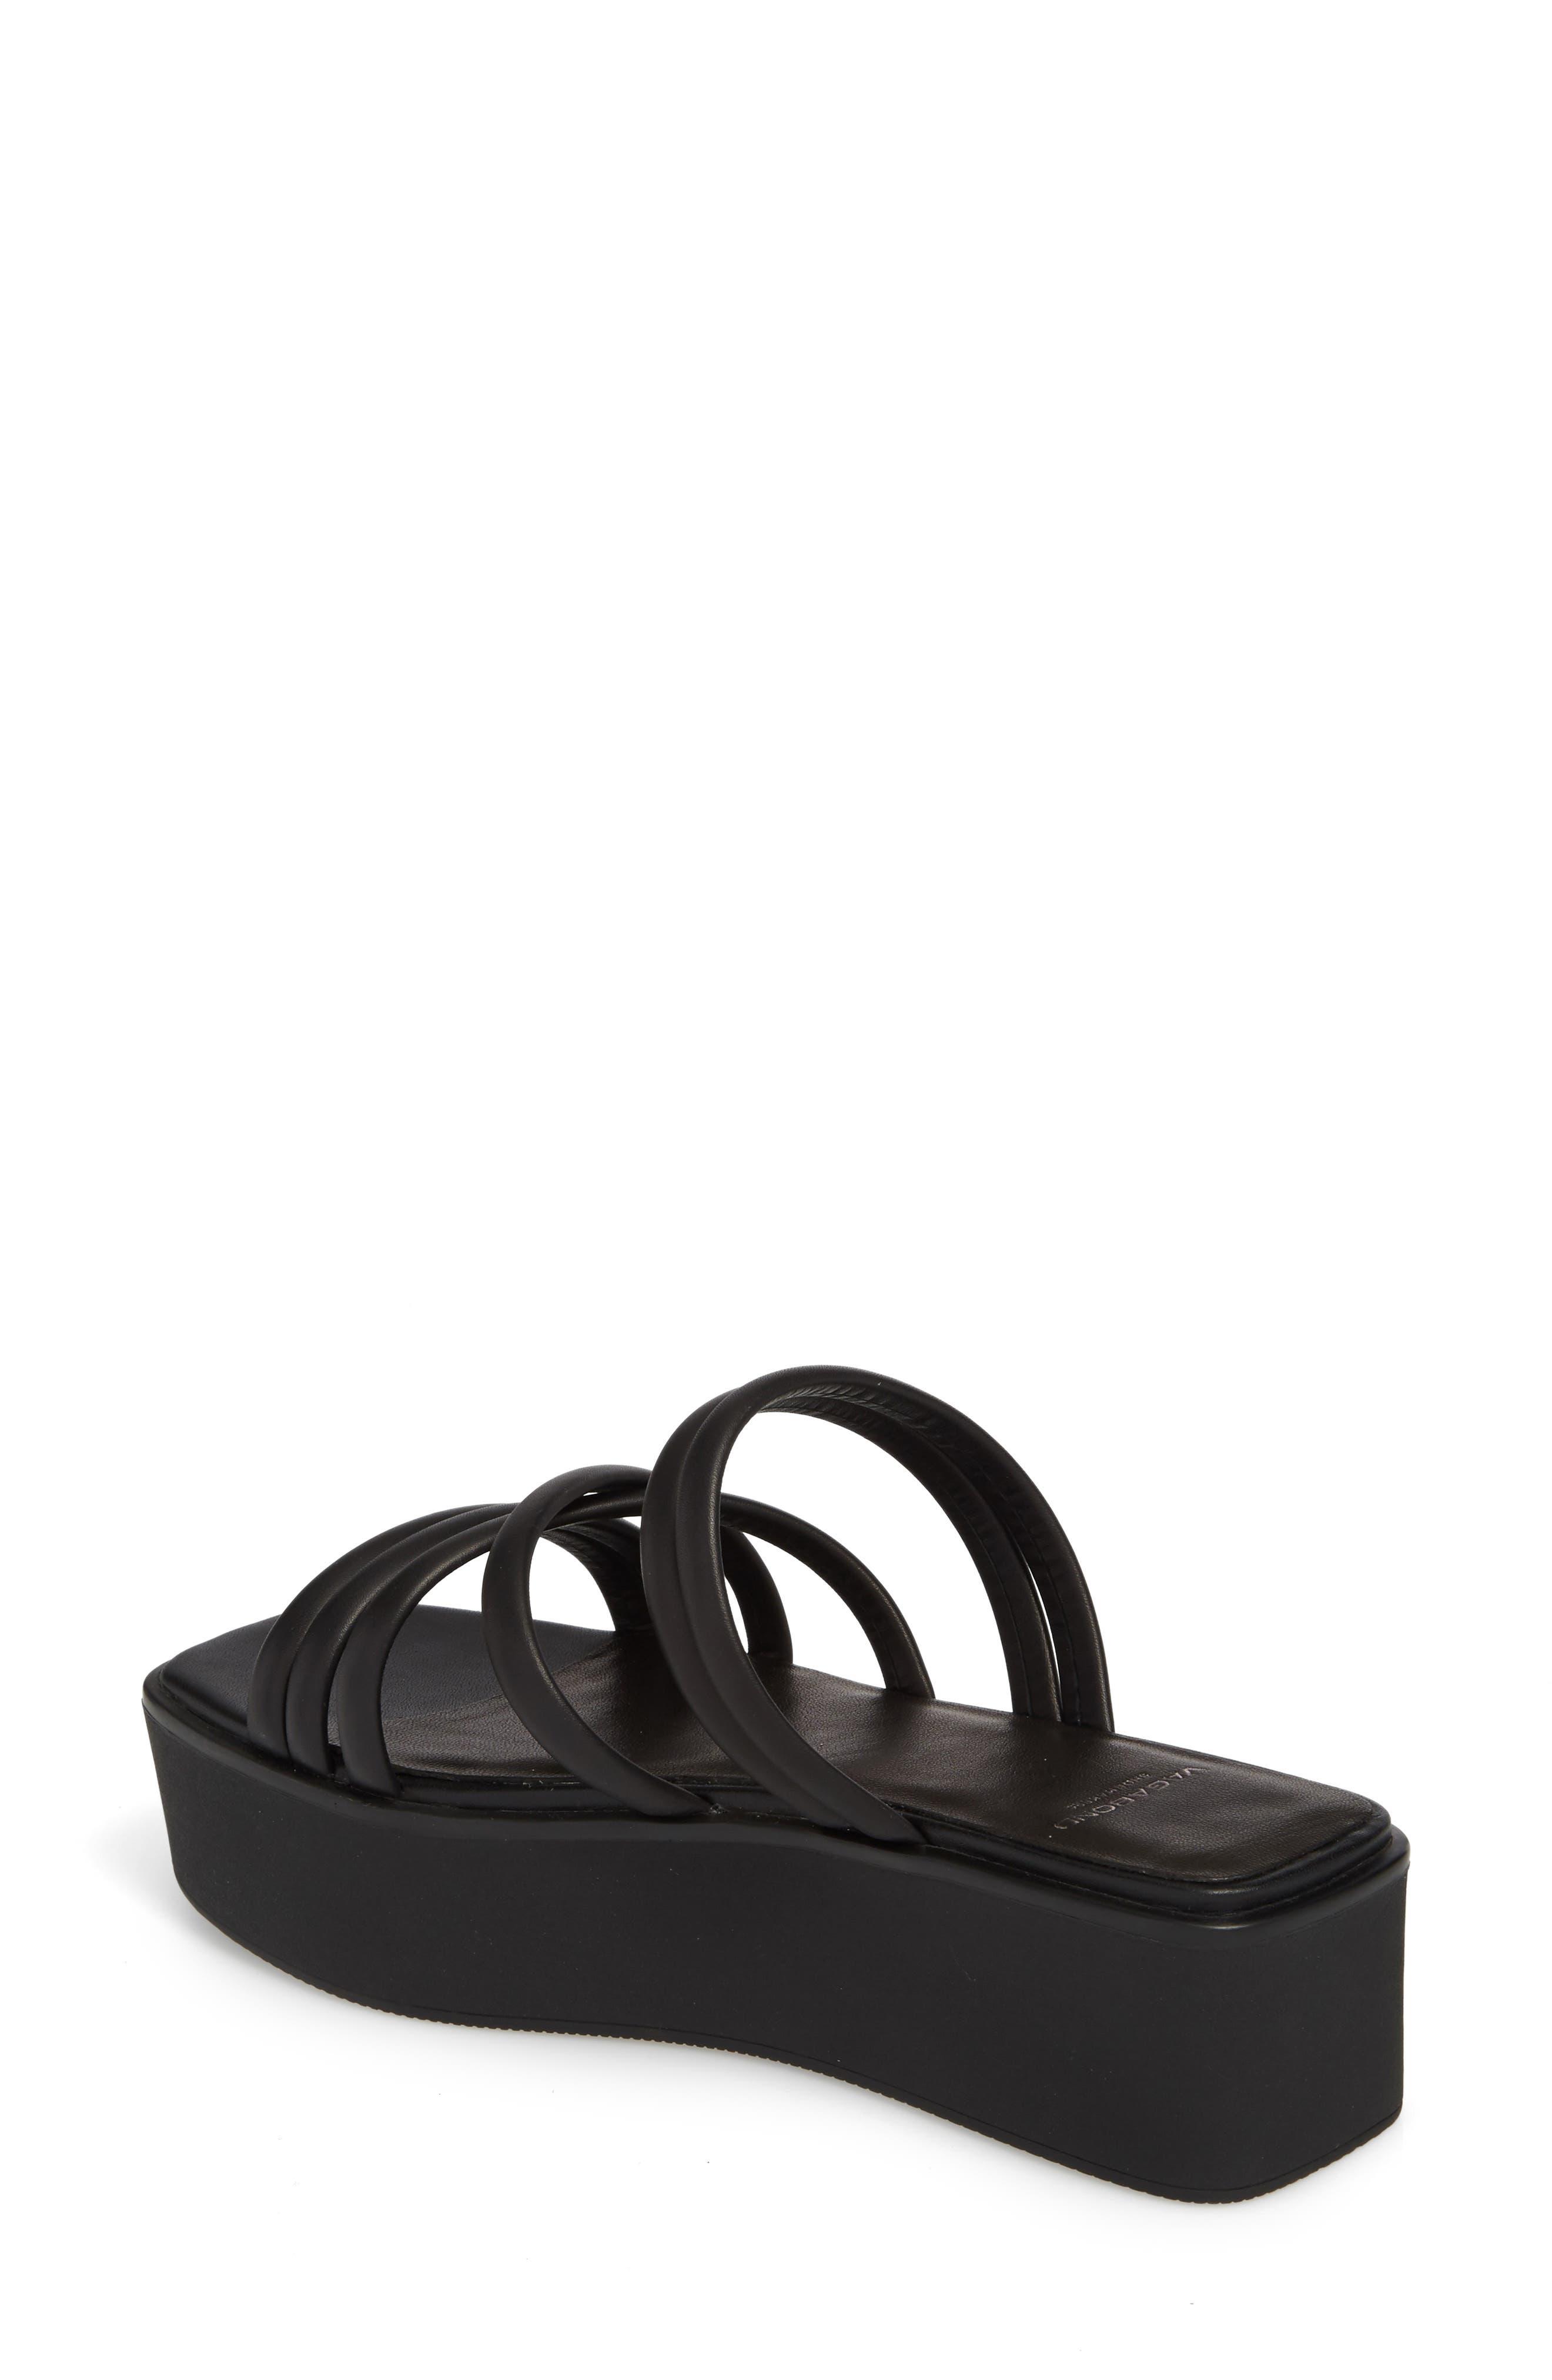 Bonnie Platform Sandal,                             Alternate thumbnail 2, color,                             Black Leather